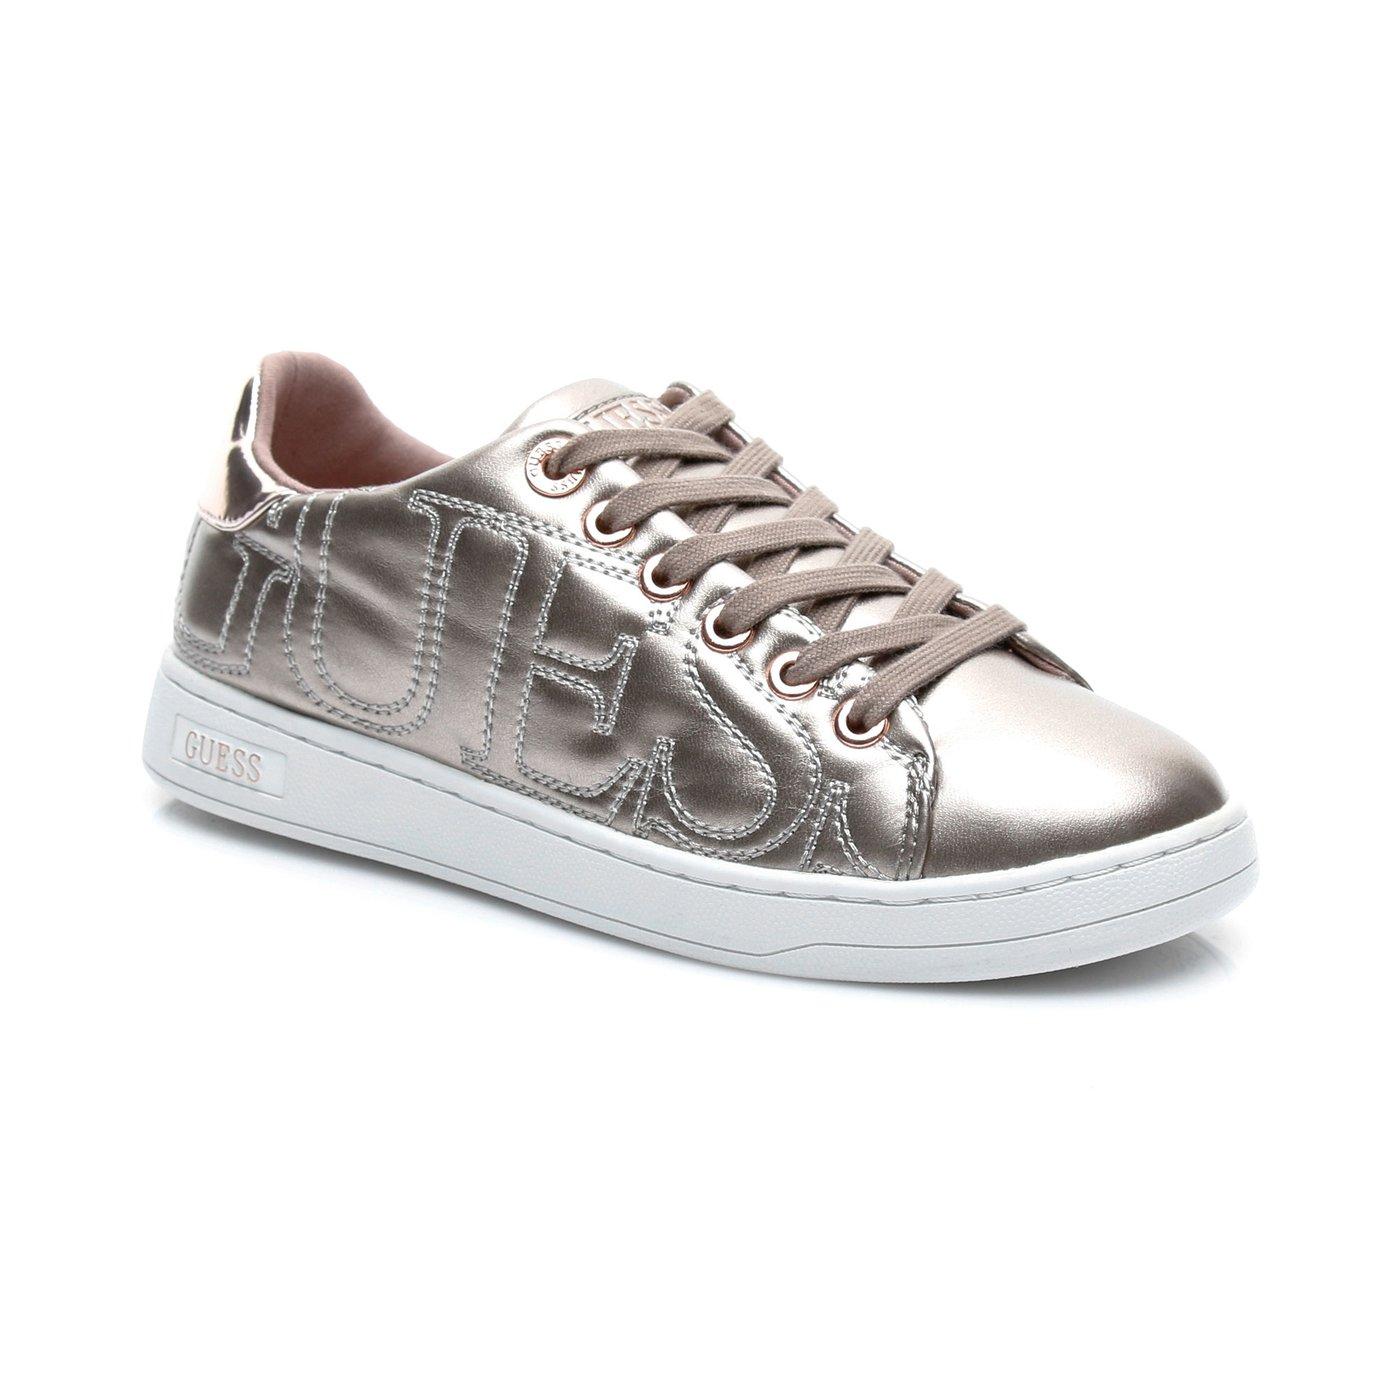 Guess Cestın Actıve Lady Kadın Pembe Sneaker